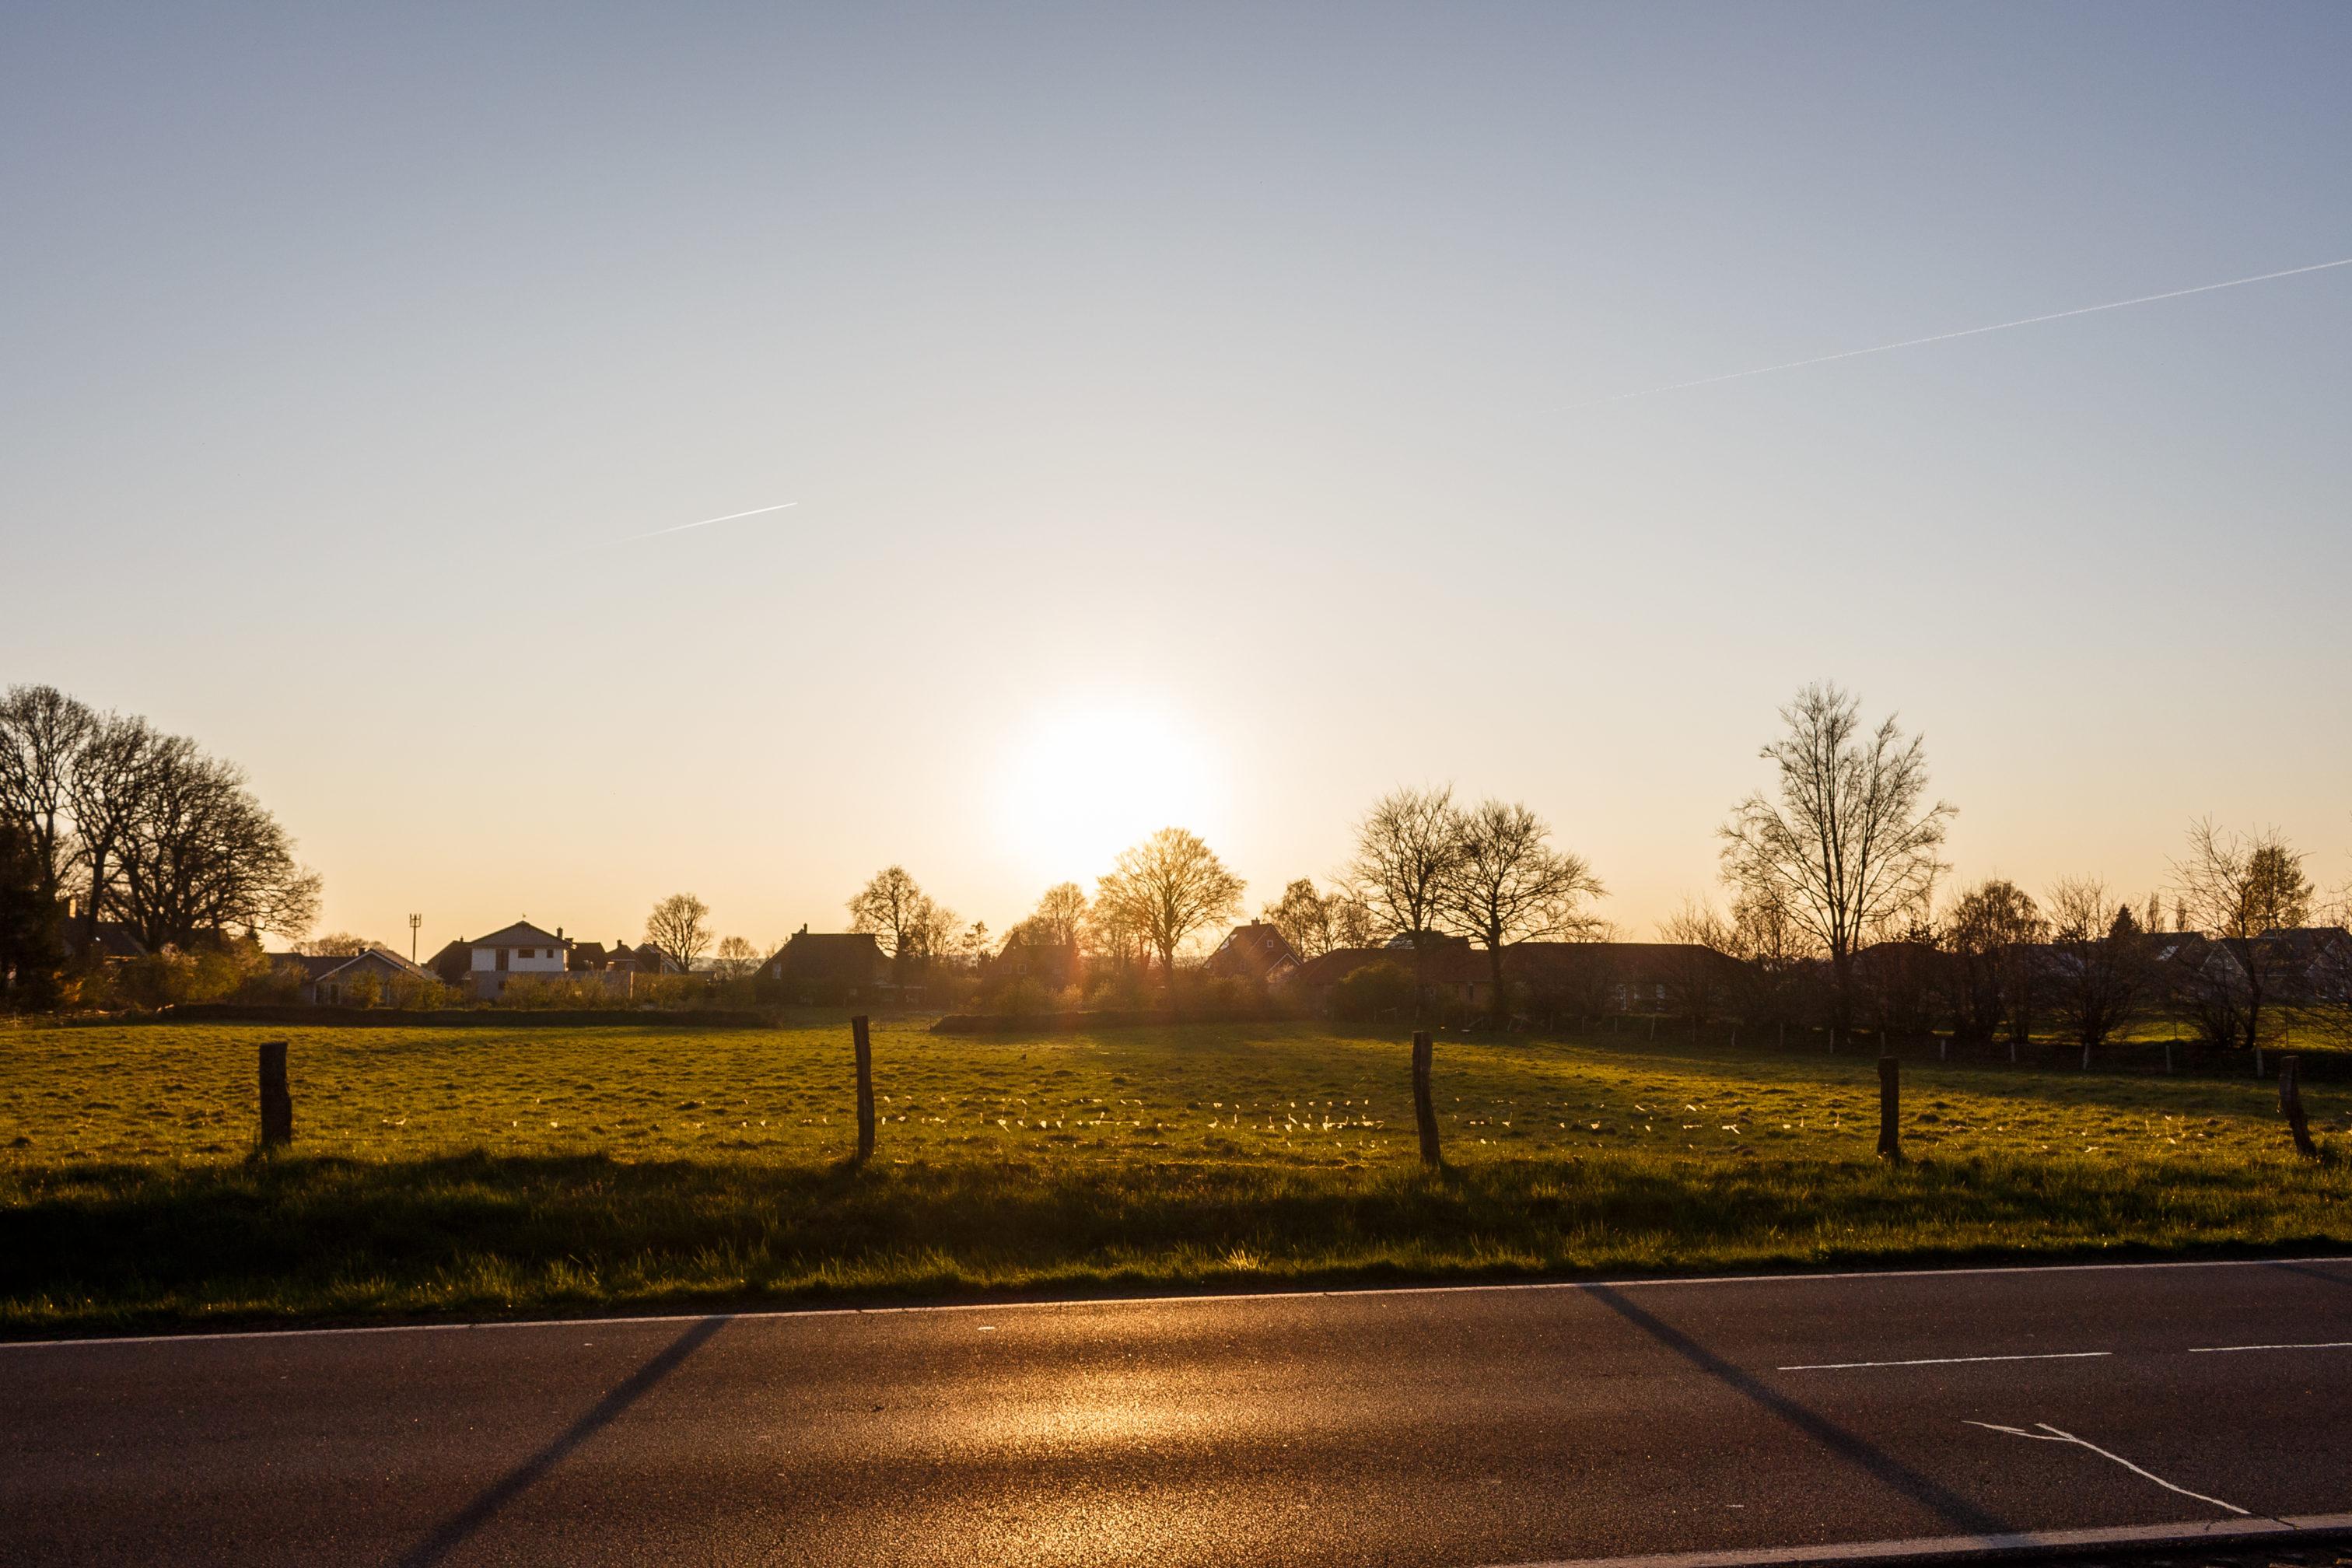 Desto tiefer die Sonne steht, umso weicher und wärmer wird das Licht